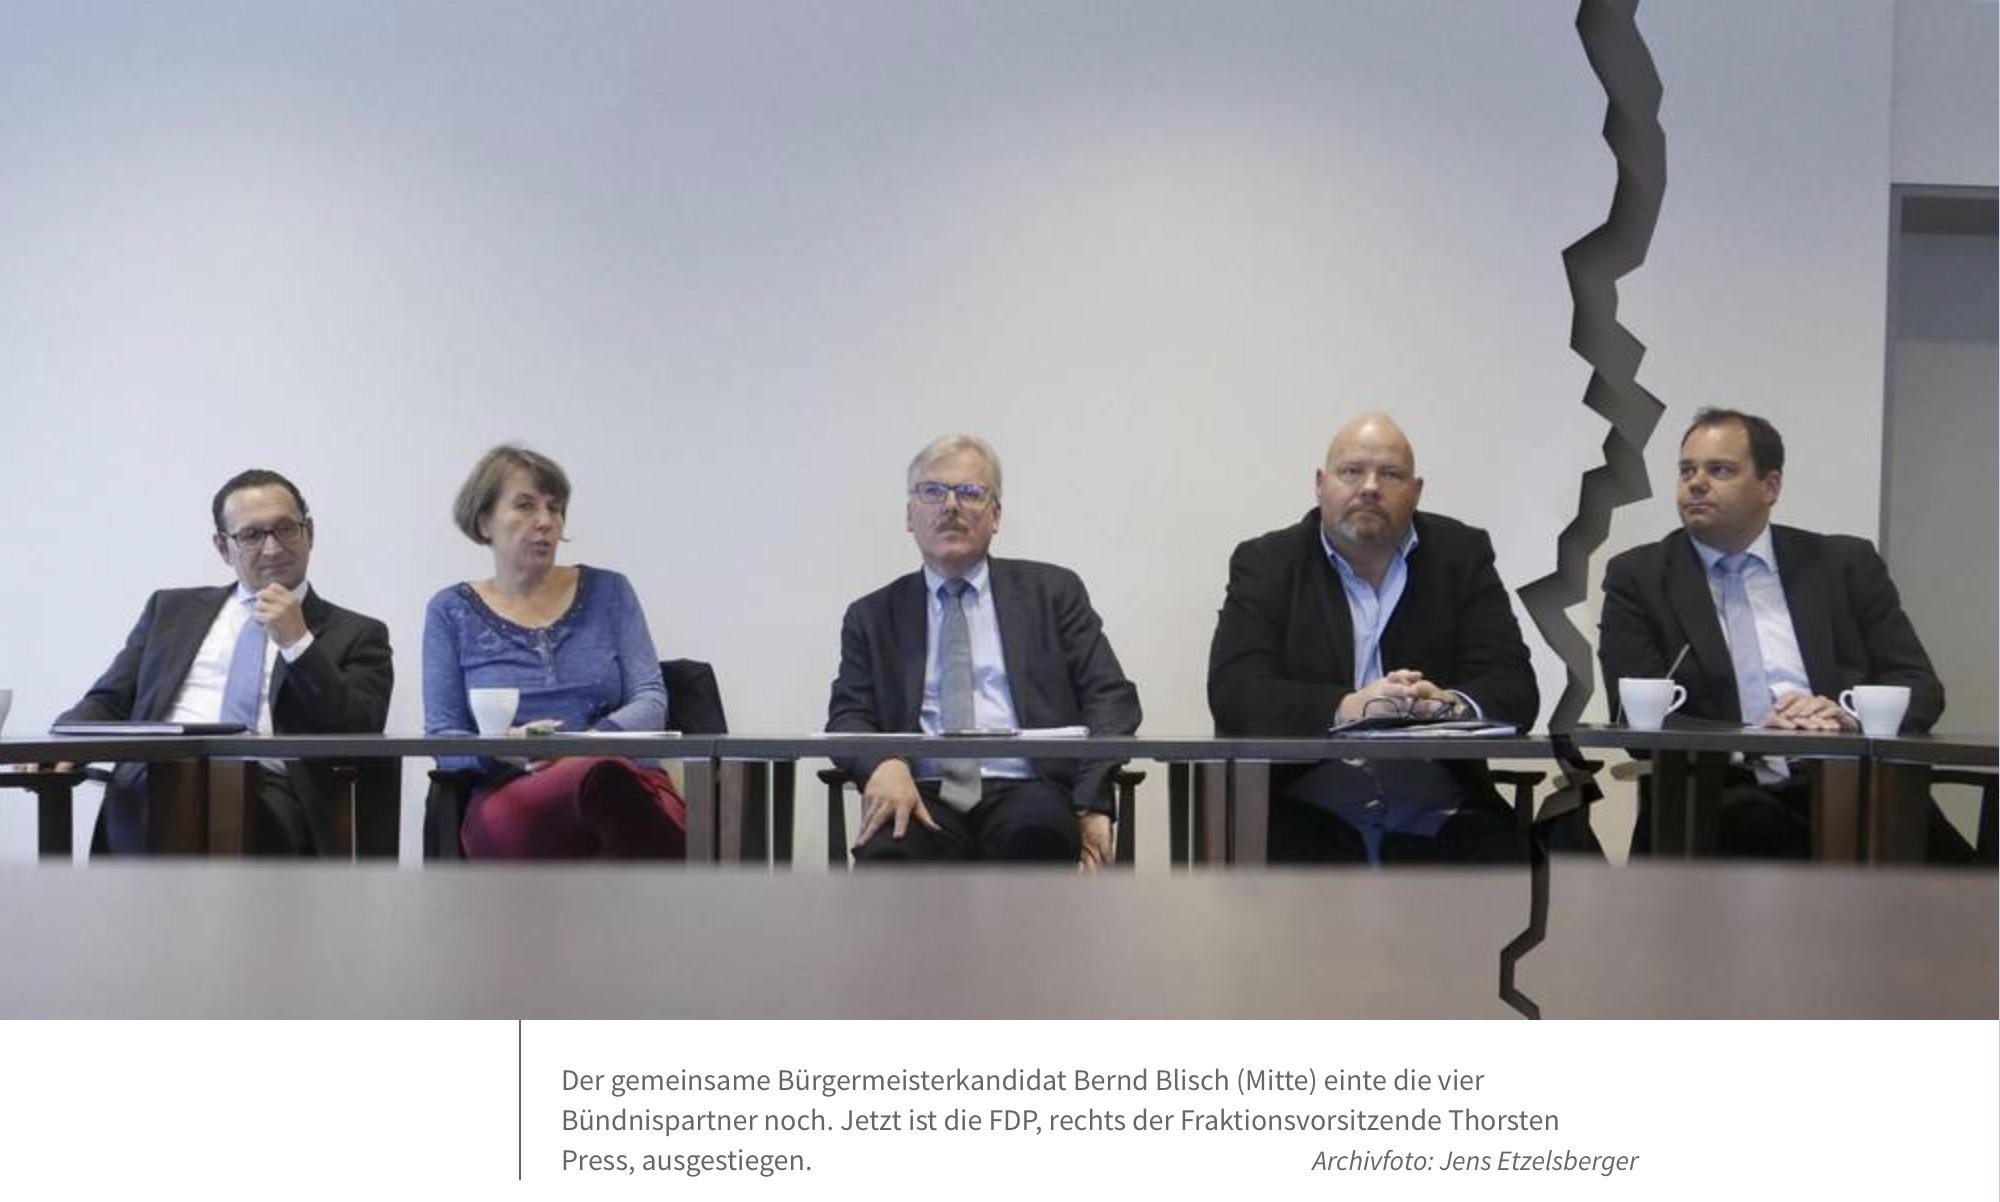 Pressestimmen: FDP steigt aus Viererbündnis aus